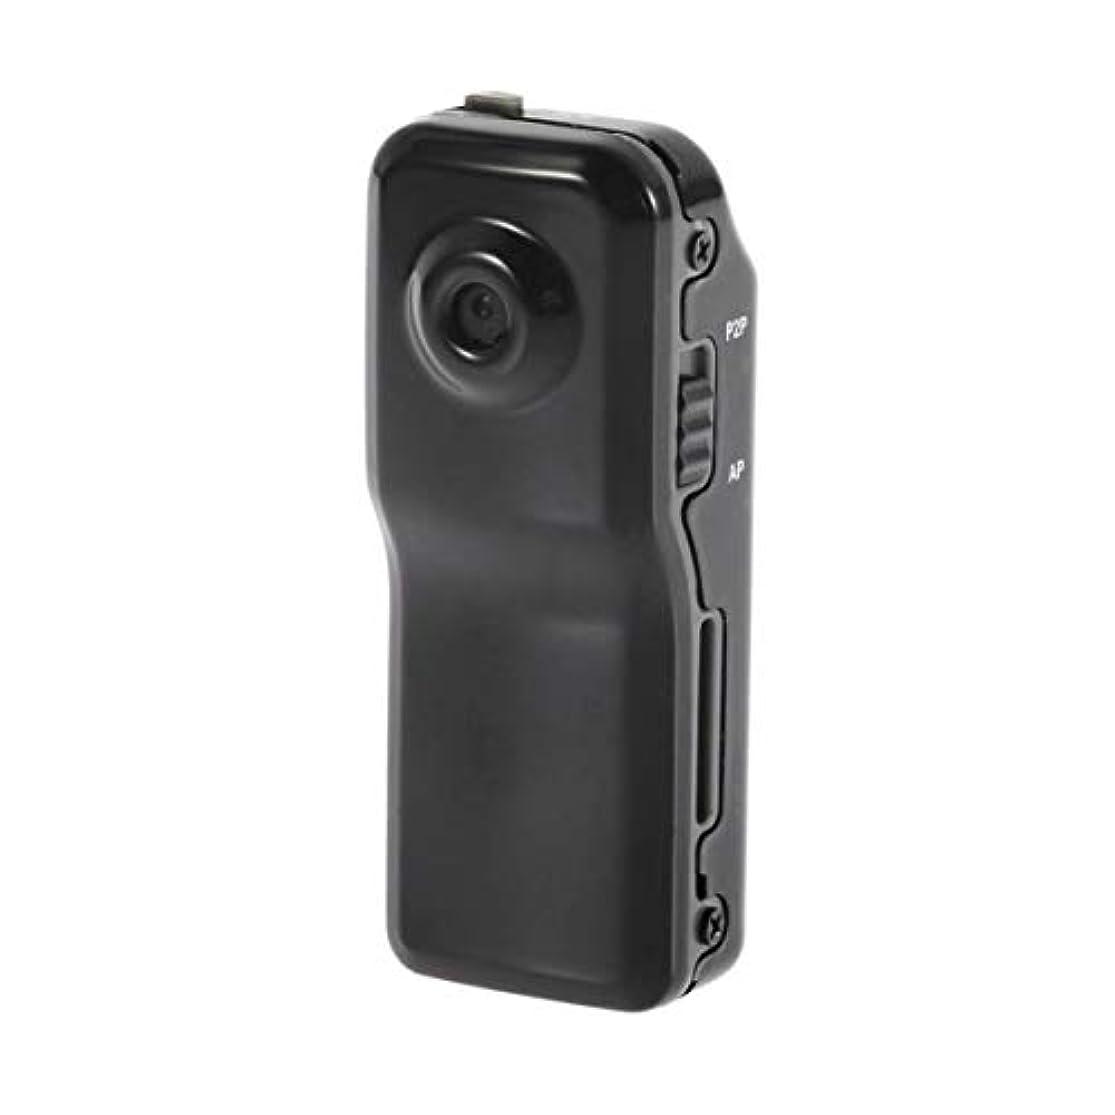 人事モス吸い込むポイントツーポイントWiFiテクノロジーミニカメラアンドロイド用IPhone PCミニWifi IPワイヤレスカメラリモートカム